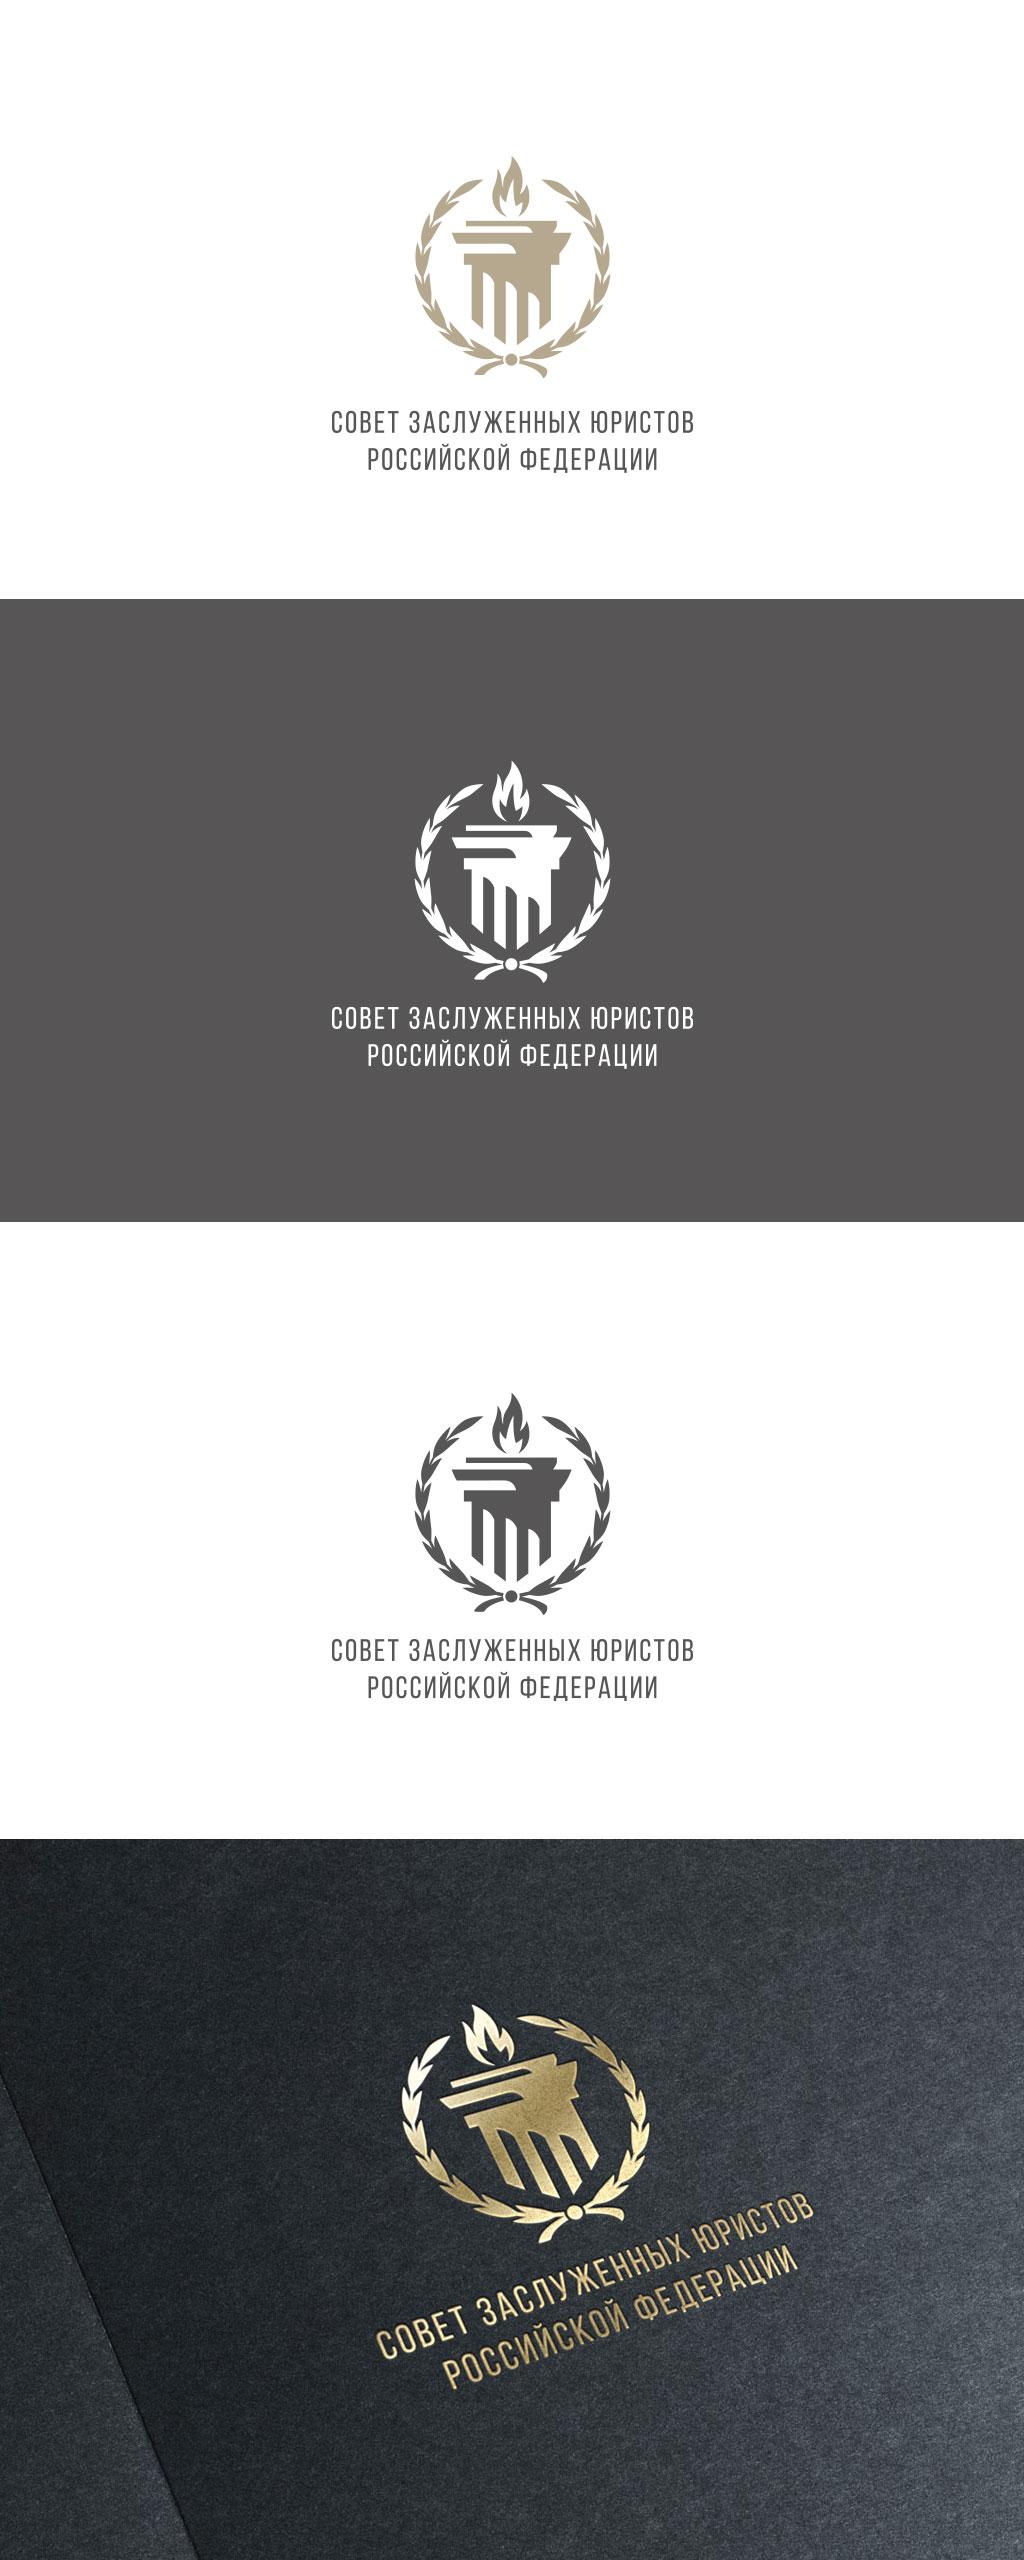 Разработка логотипа Совета (Клуба) заслуженных юристов Российской Федерации фото f_7195e4d8c116055d.jpg